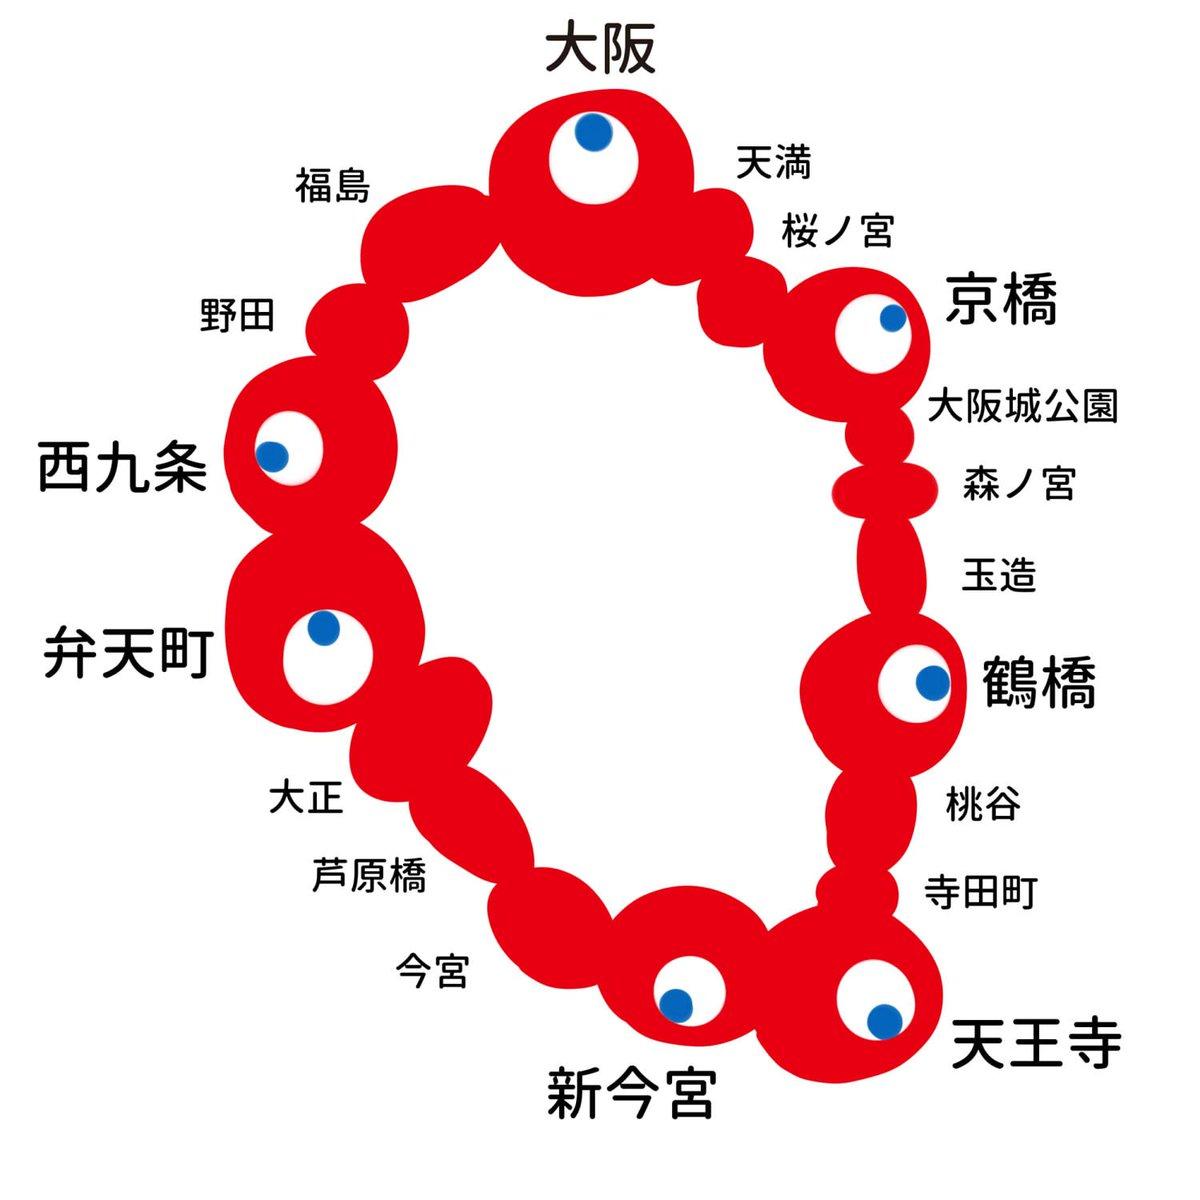 大阪世博會Logo公佈後,推特上除引起了不少有趣的話題,其中包括了『san值下降』『沙耶之歌』『來自深淵』『SCP66』等等各種既視感…… EgQ8H41UEAABaUb